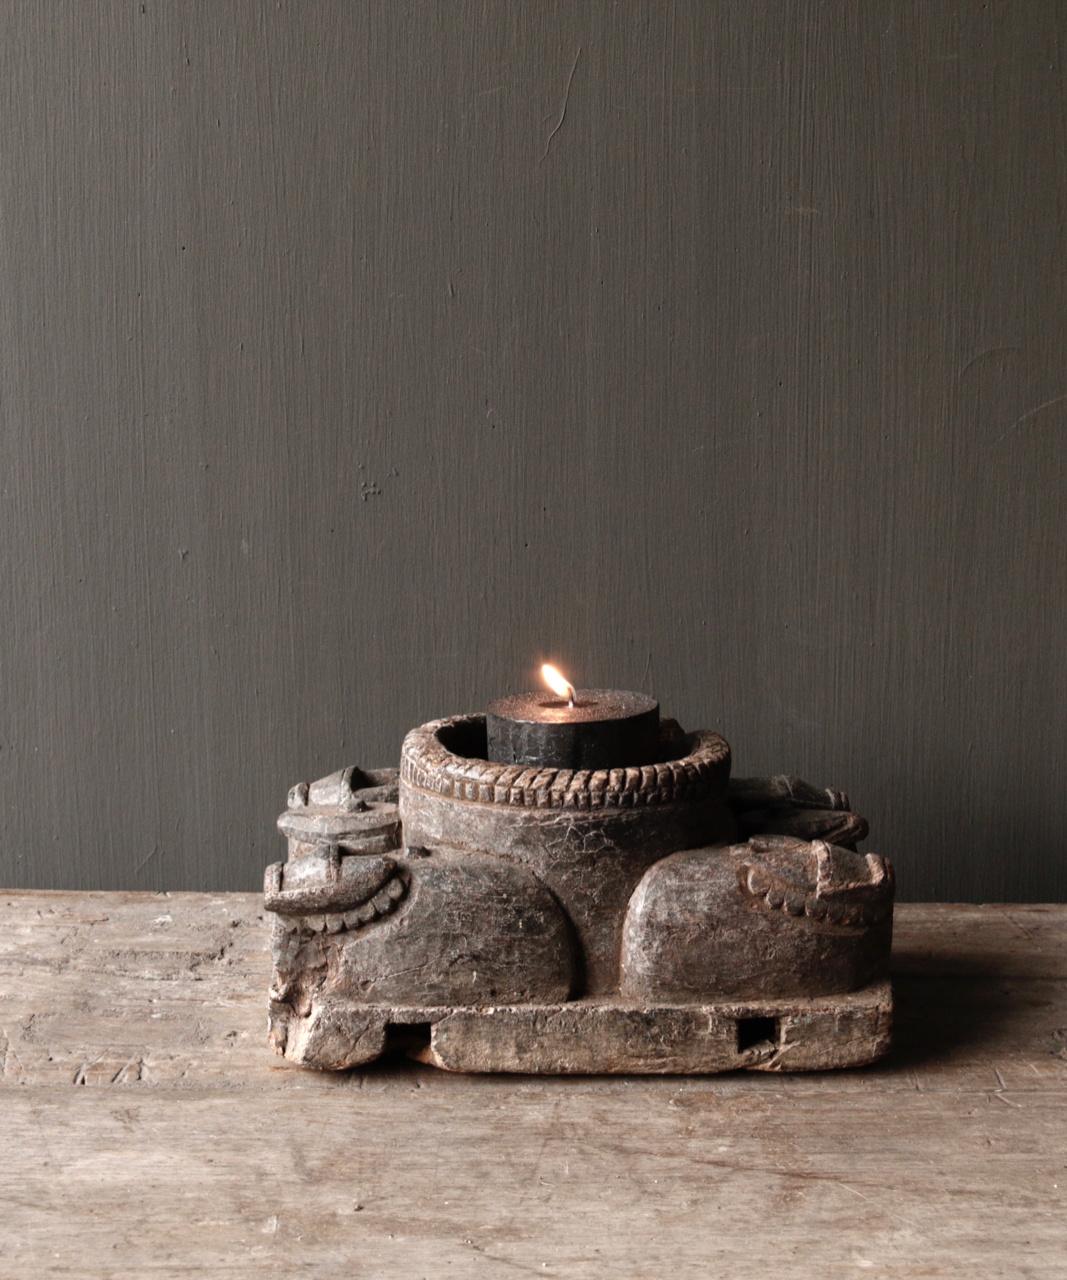 Alter hölzerner Kerzenhalter von der alten Verzierung mit geschnitzten heiligen Kühen-1